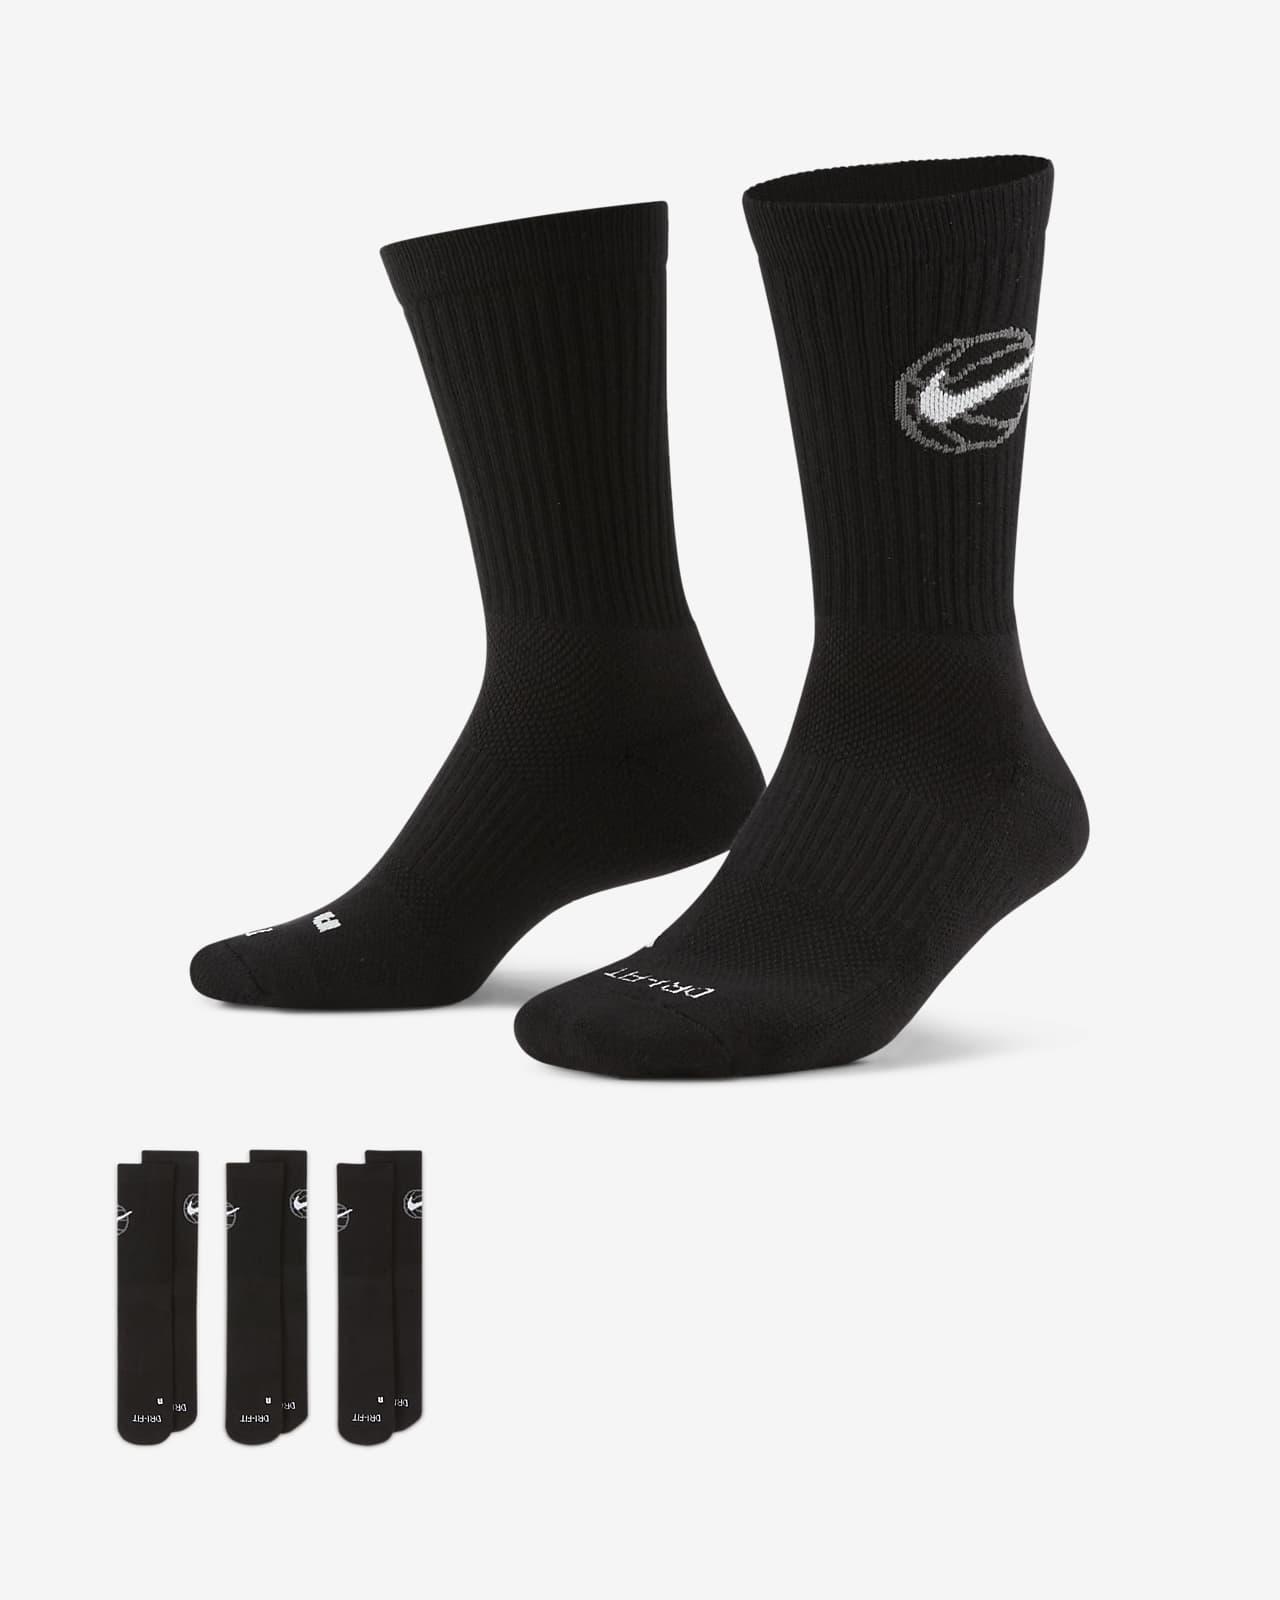 ถุงเท้าบาสเก็ตบอล Nike Everyday Crew (3 คู่)